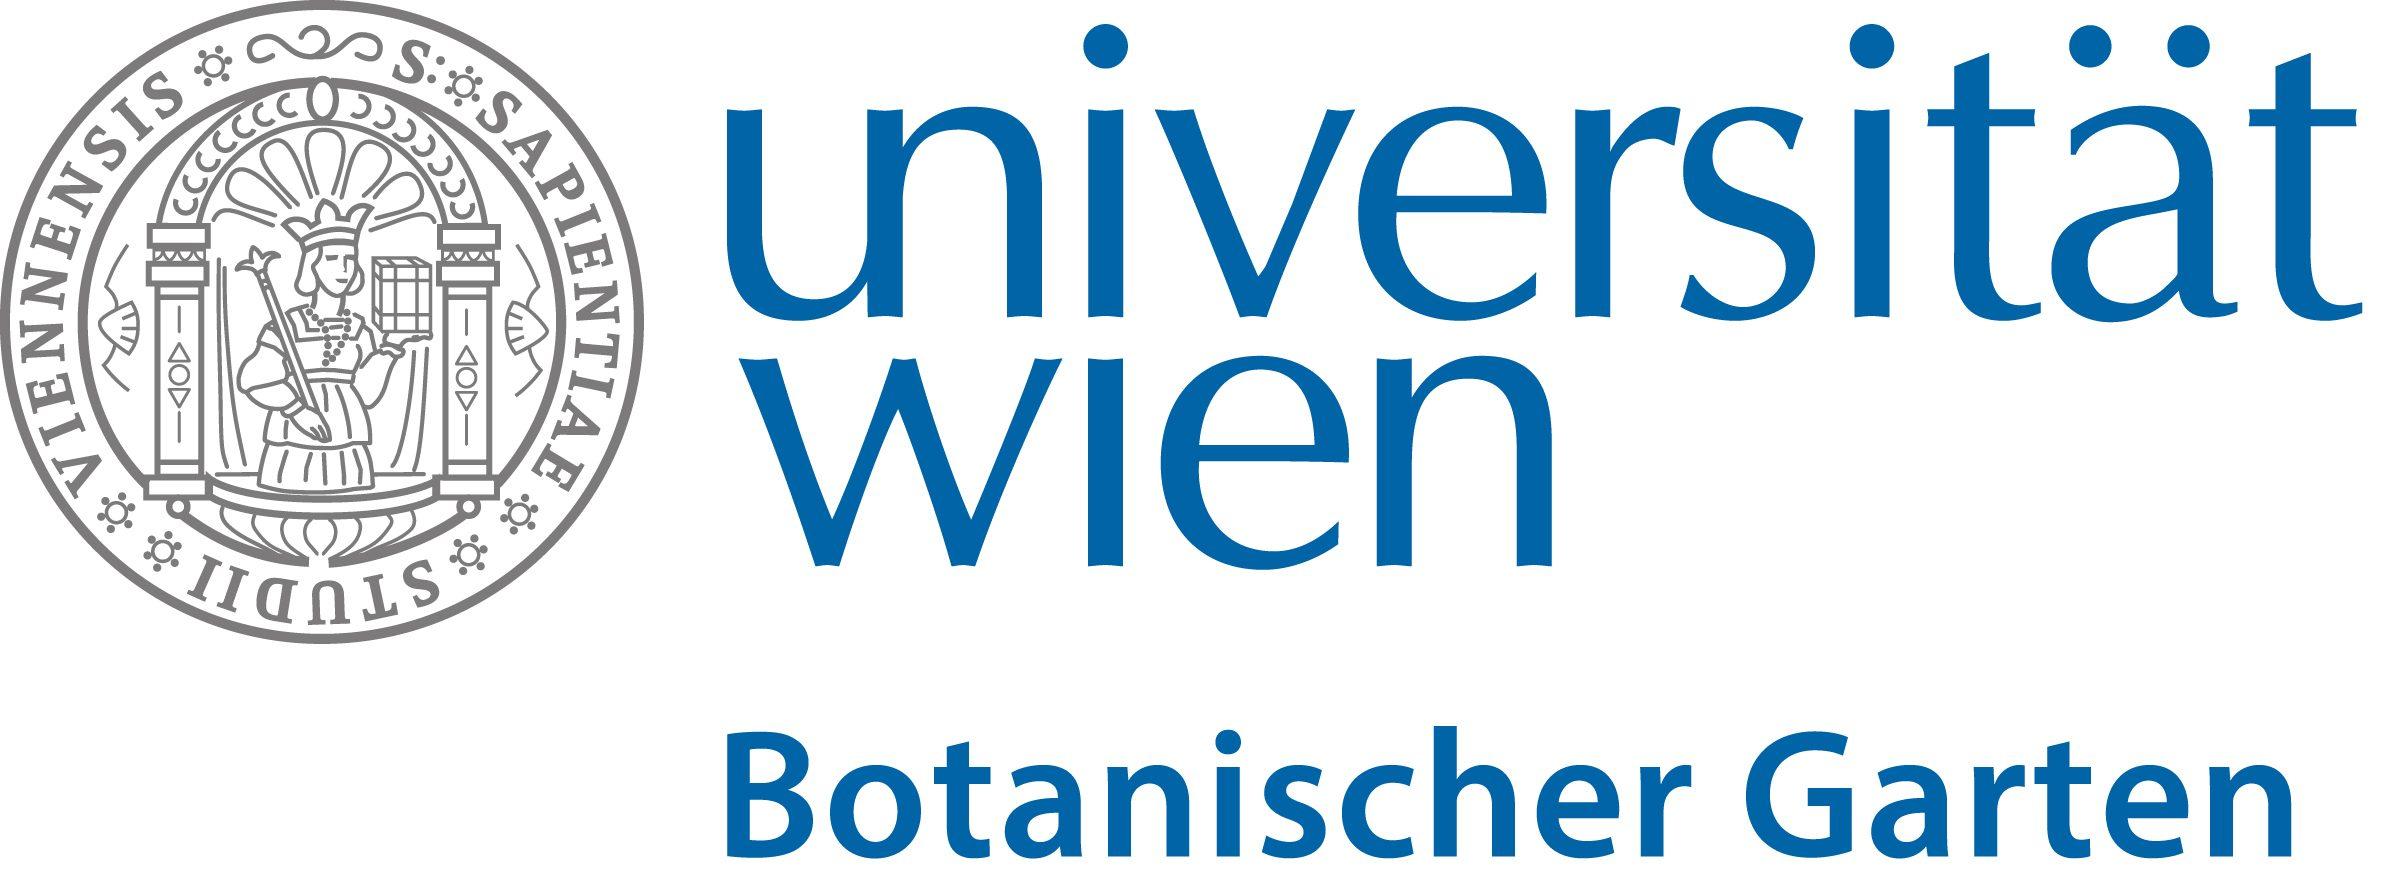 Botanischer Garten_de_4c